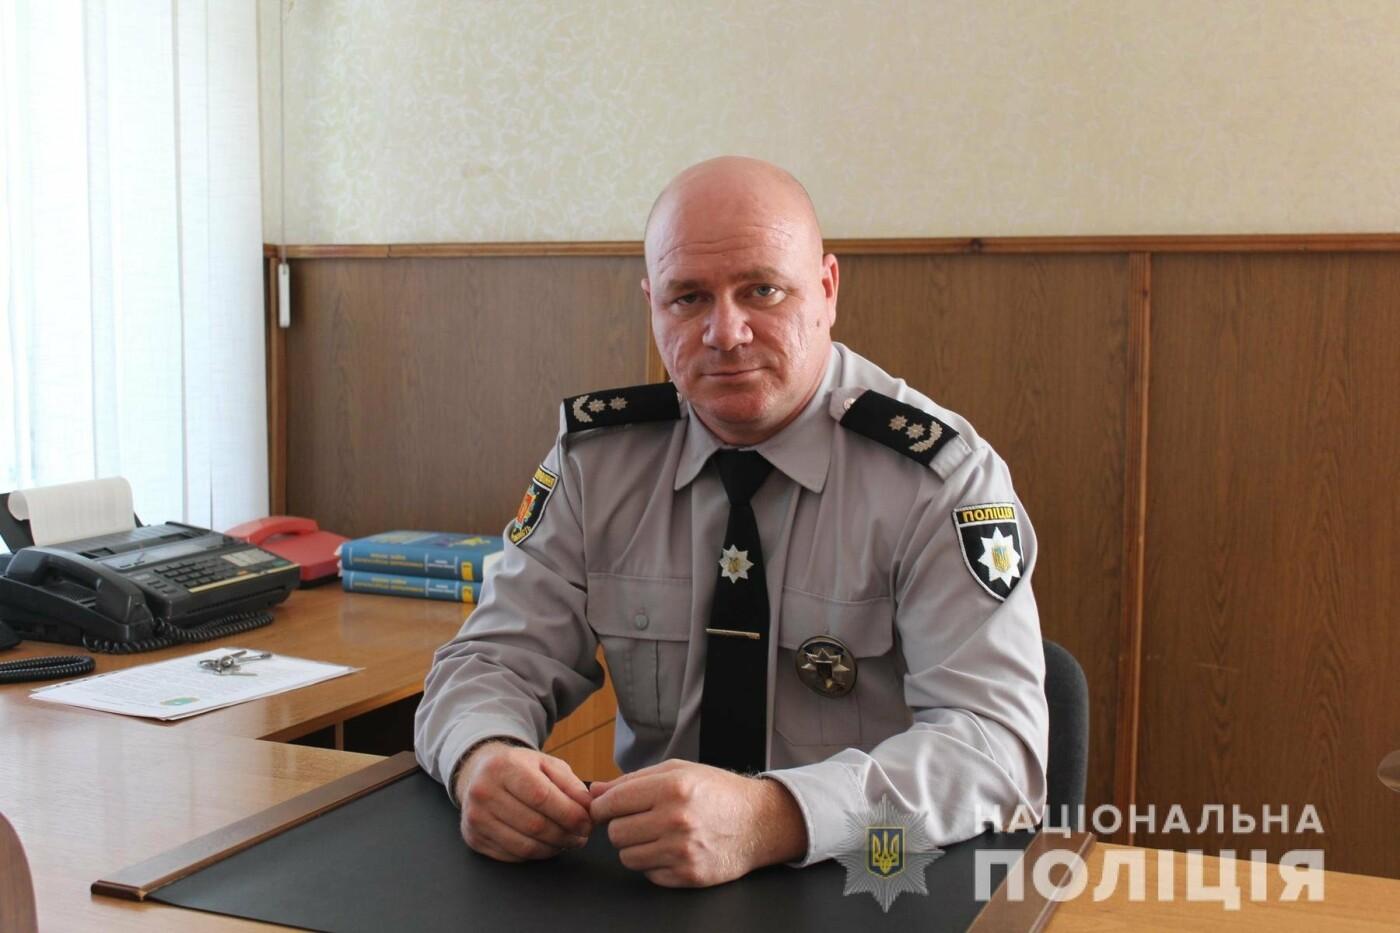 Акимовское отделение полиции возглавил новый руководитель, фото-1